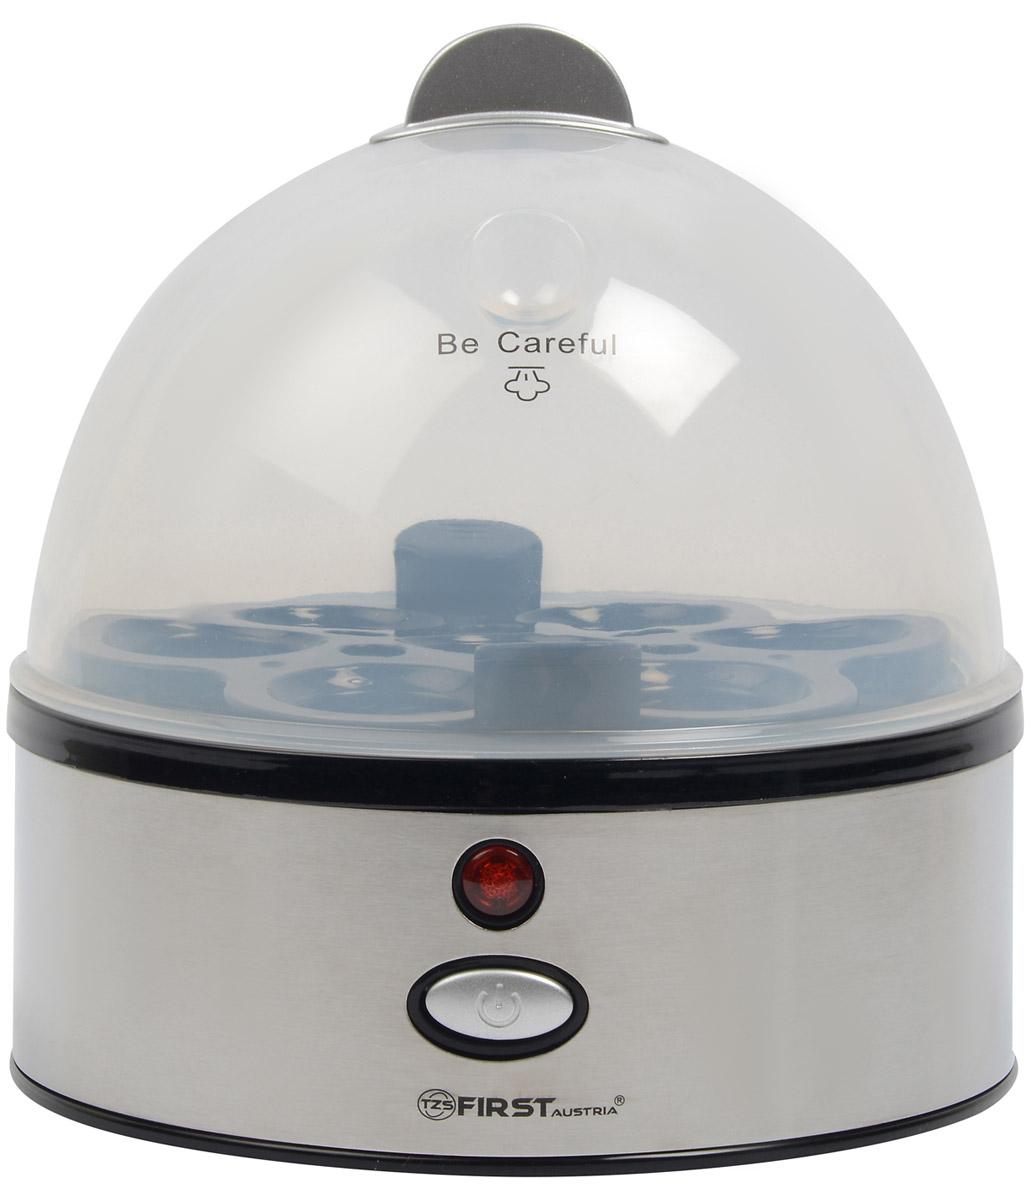 First FA-5115-1, Black яйцеваркаFA-5115-1 BlackFirst FA-5115-1 - компактная яйцеварка, которая позволит готовить яйца на пару. При этом используется минимальное количество воды. Каждое яйцо (максимум 7 штук) помещается в свое гнездышко, поэтому яйца не соприкасаются друг с другом, а, значит, не трескаются и не вытекают. Также имеется функция автовыключения и сигнал об окончании готовки.